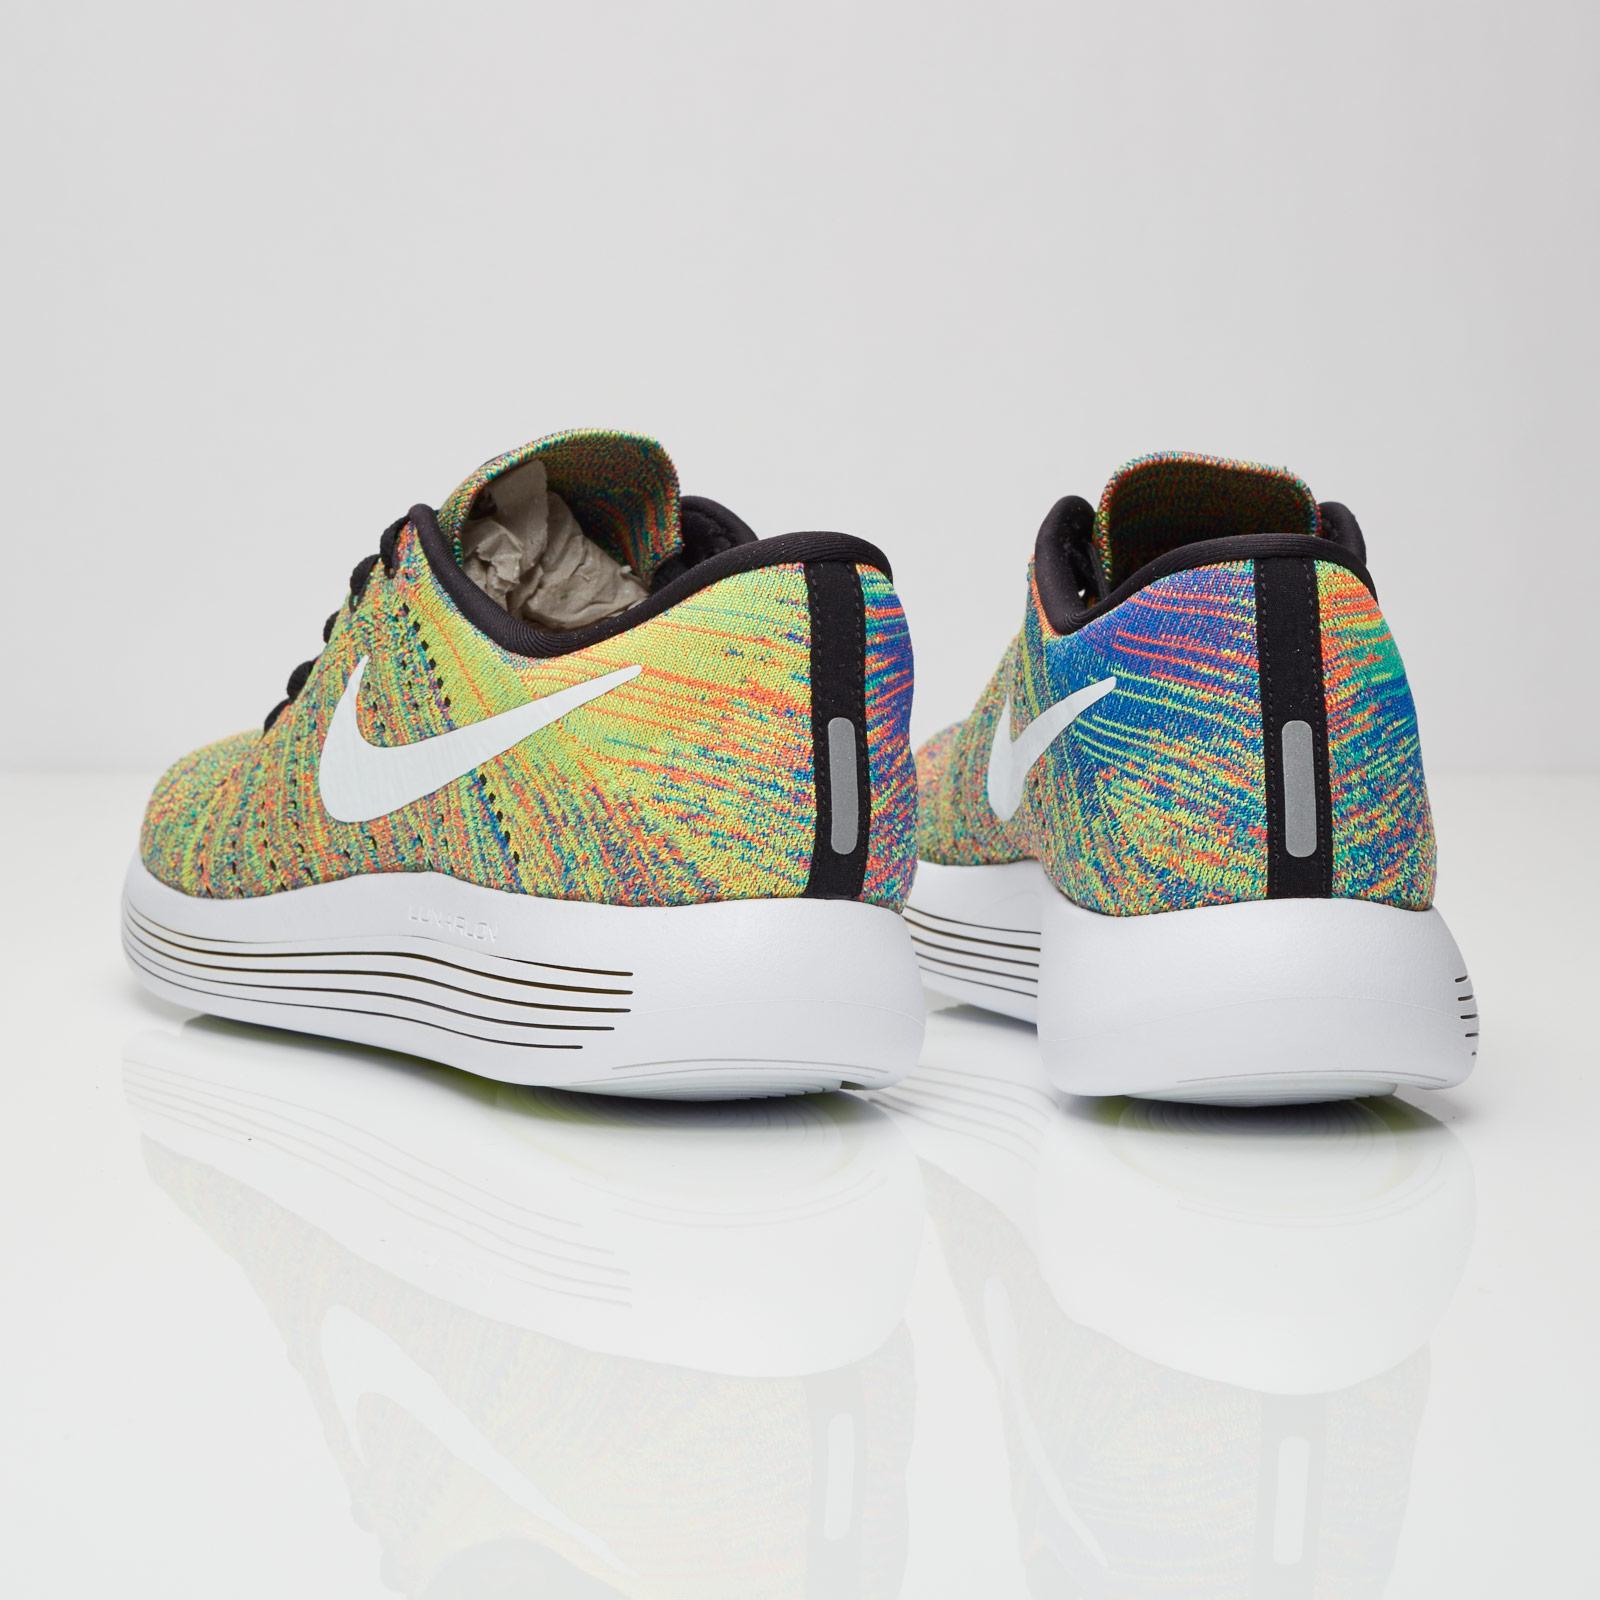 free shipping f79a3 e9f89 Nike Lunarepic Low Flyknit - 843764-004 - Sneakersnstuff   sneakers    streetwear online since 1999